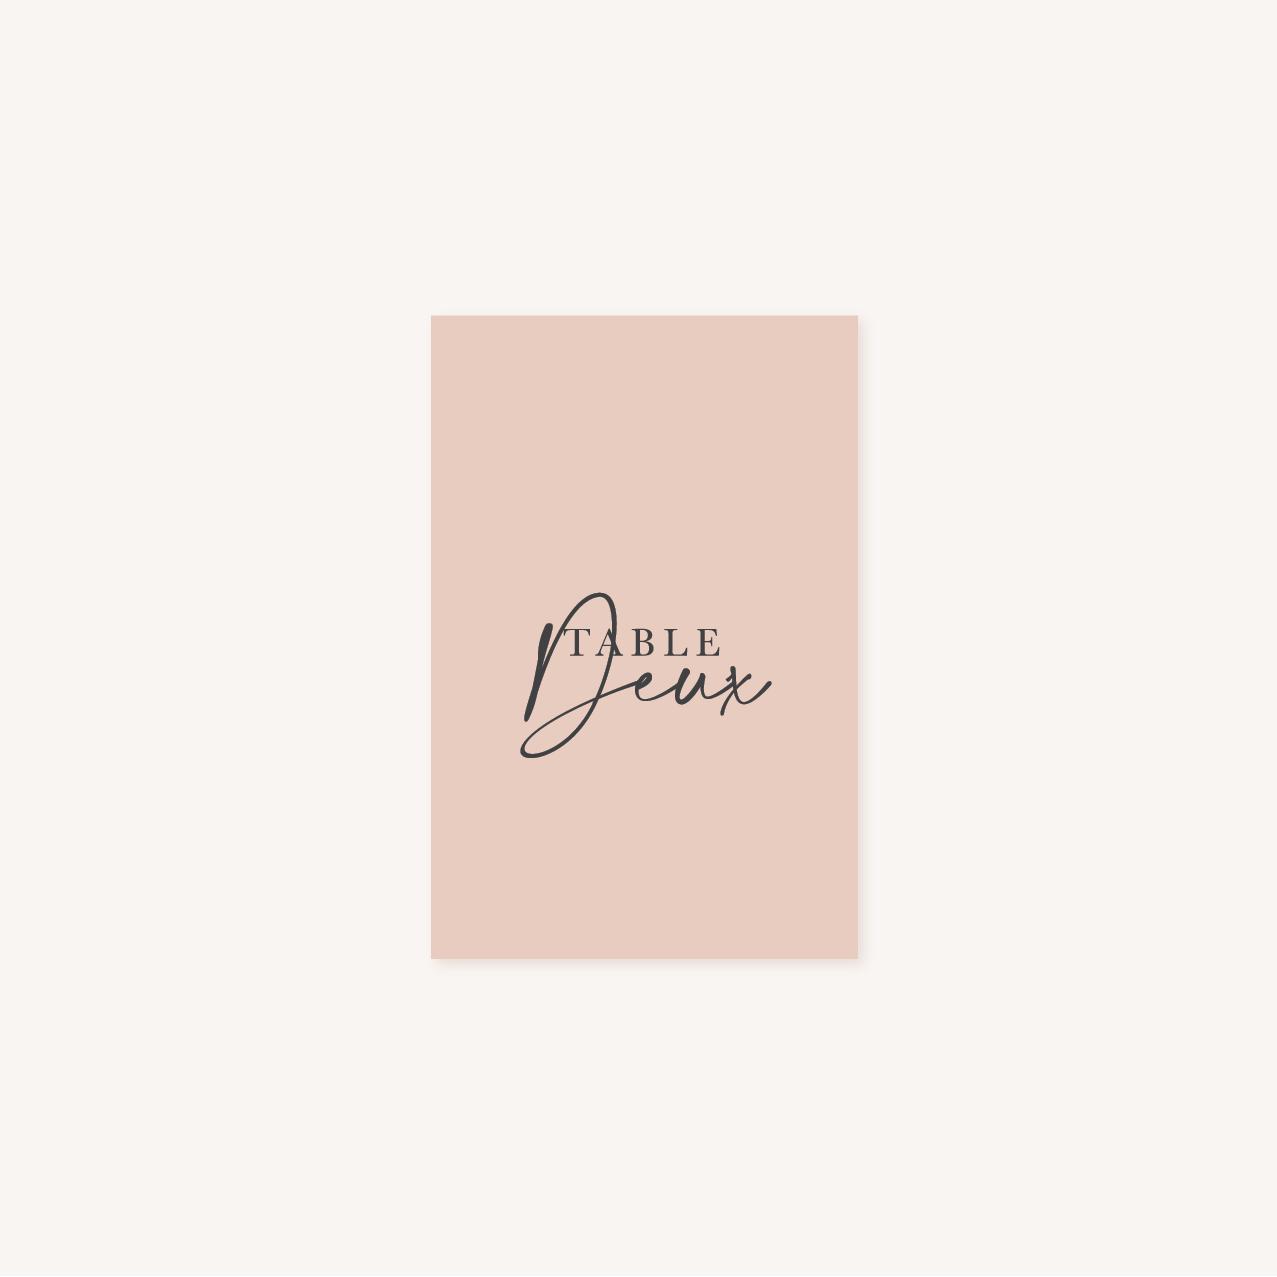 Nom de table mariage élégant chic romantic neutral épuré bordeaux rose nude blanc